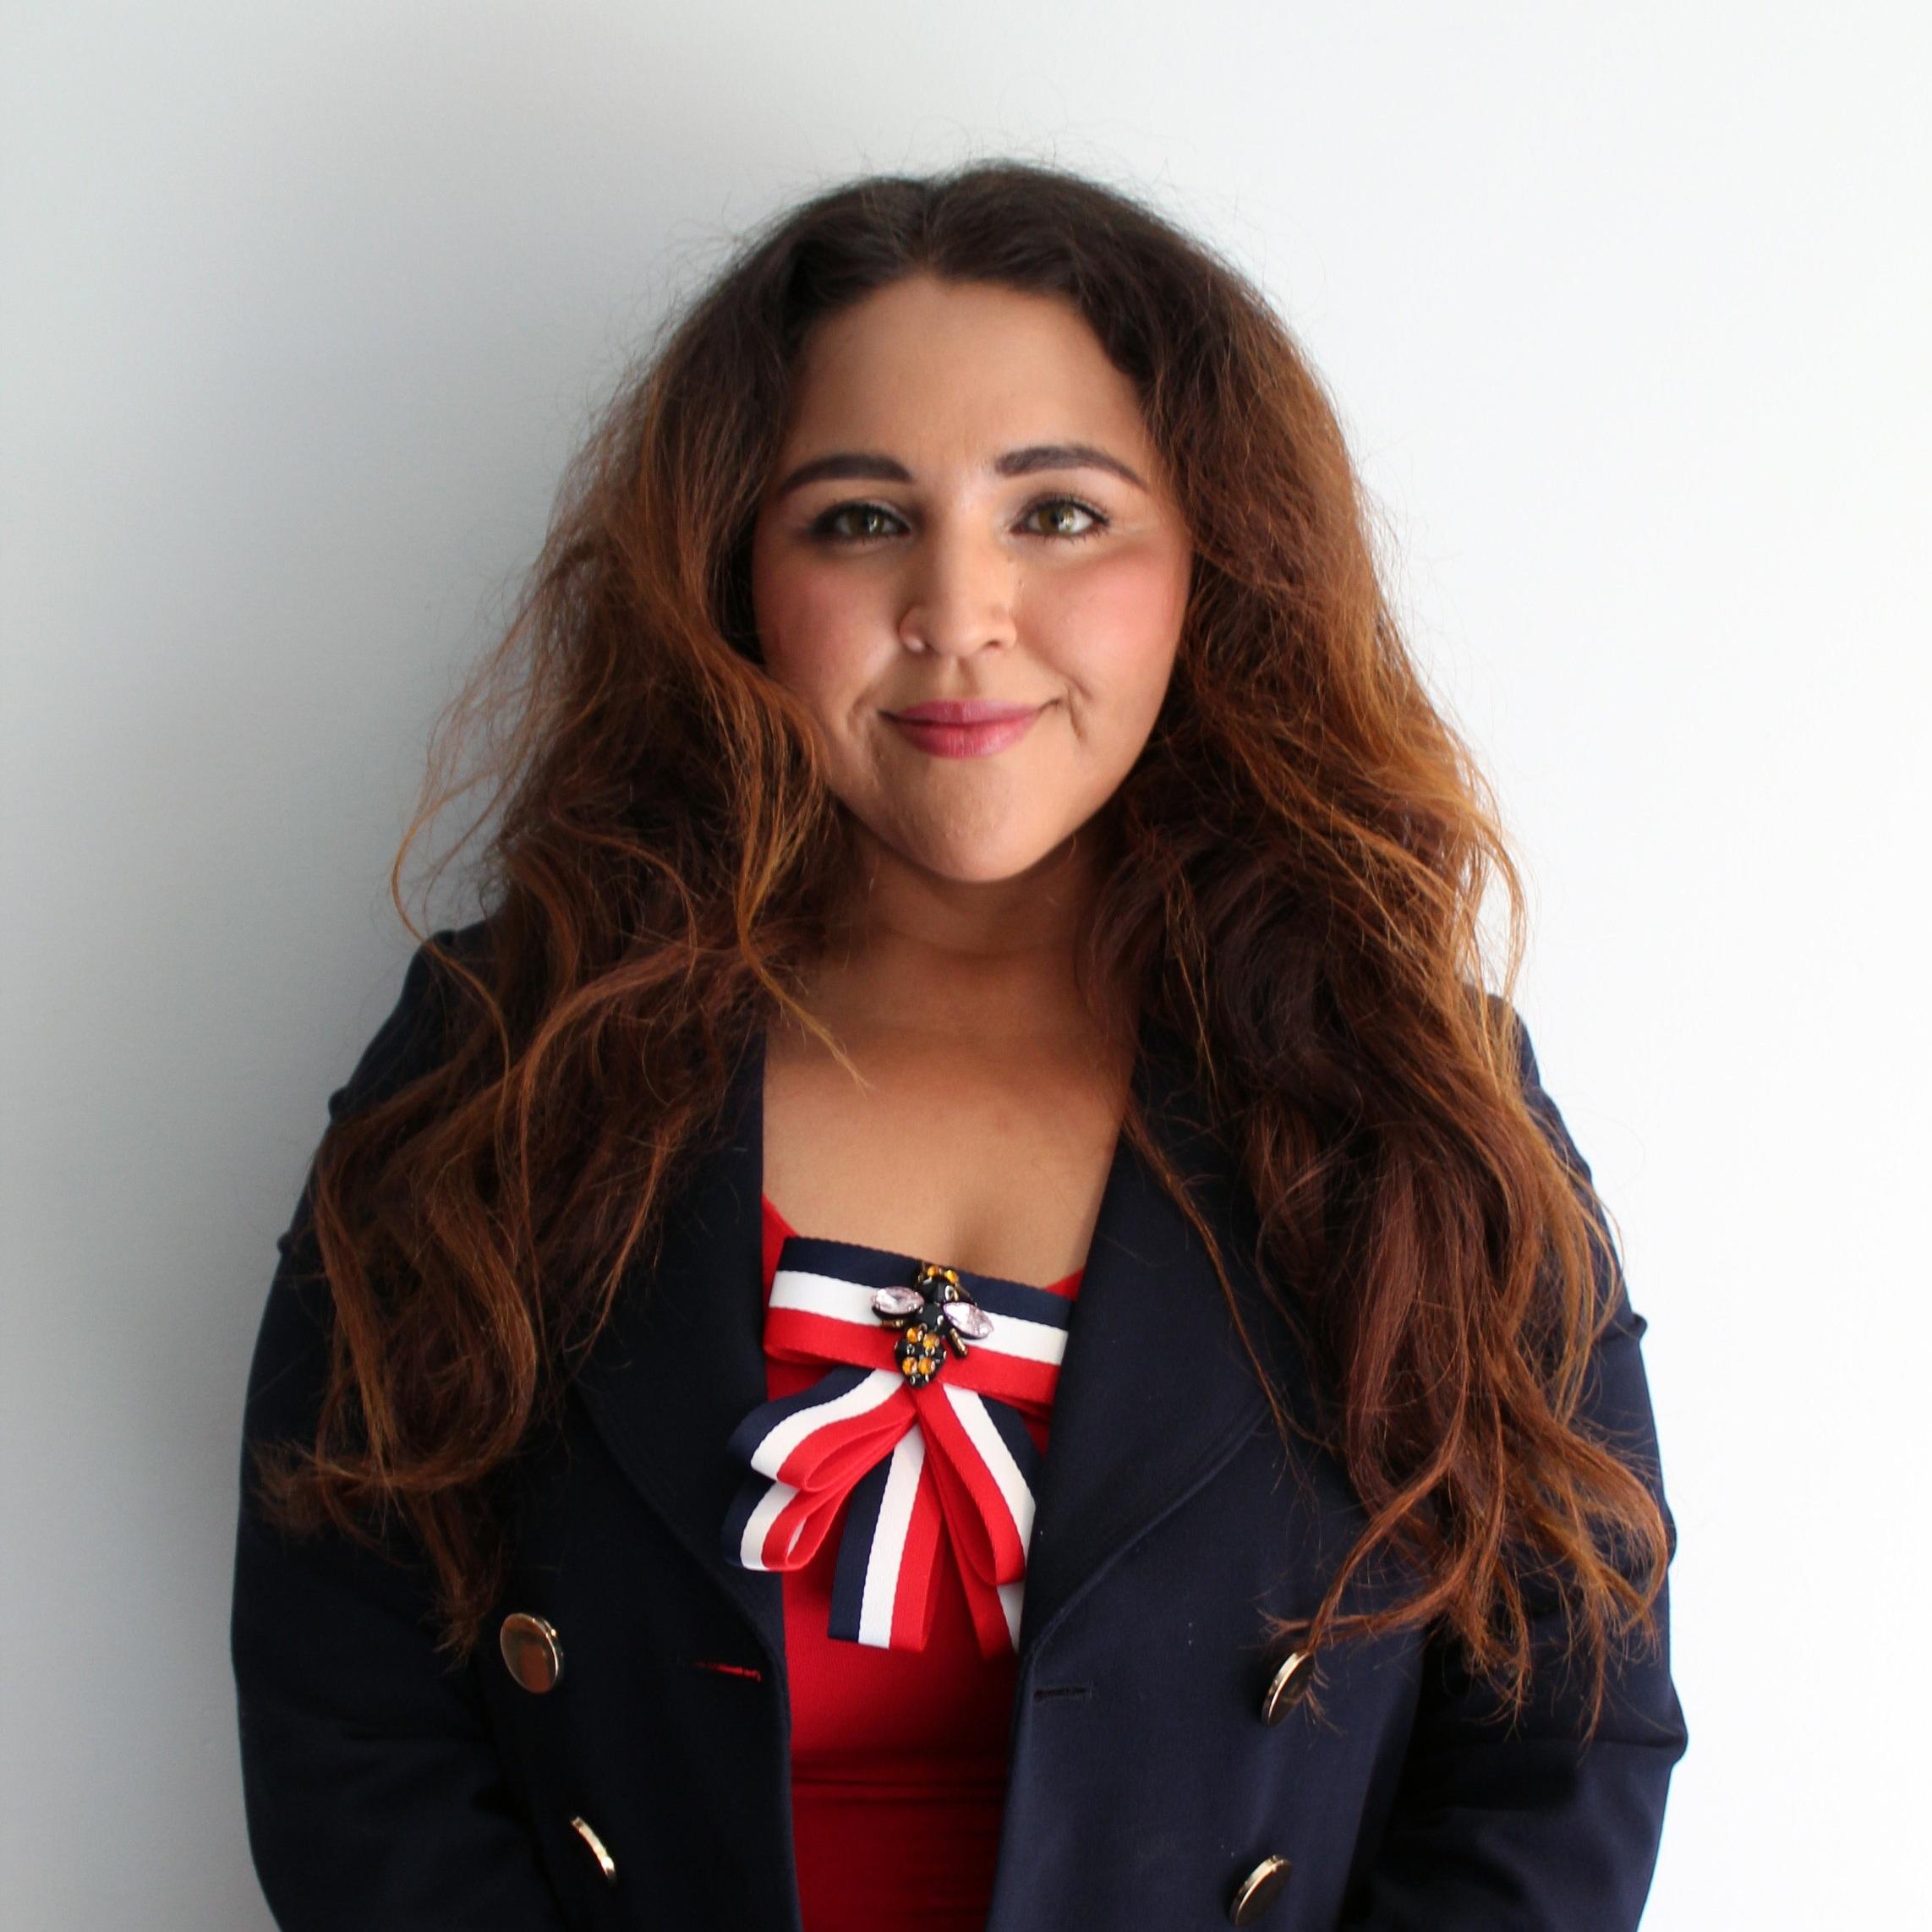 Lexi Martinez